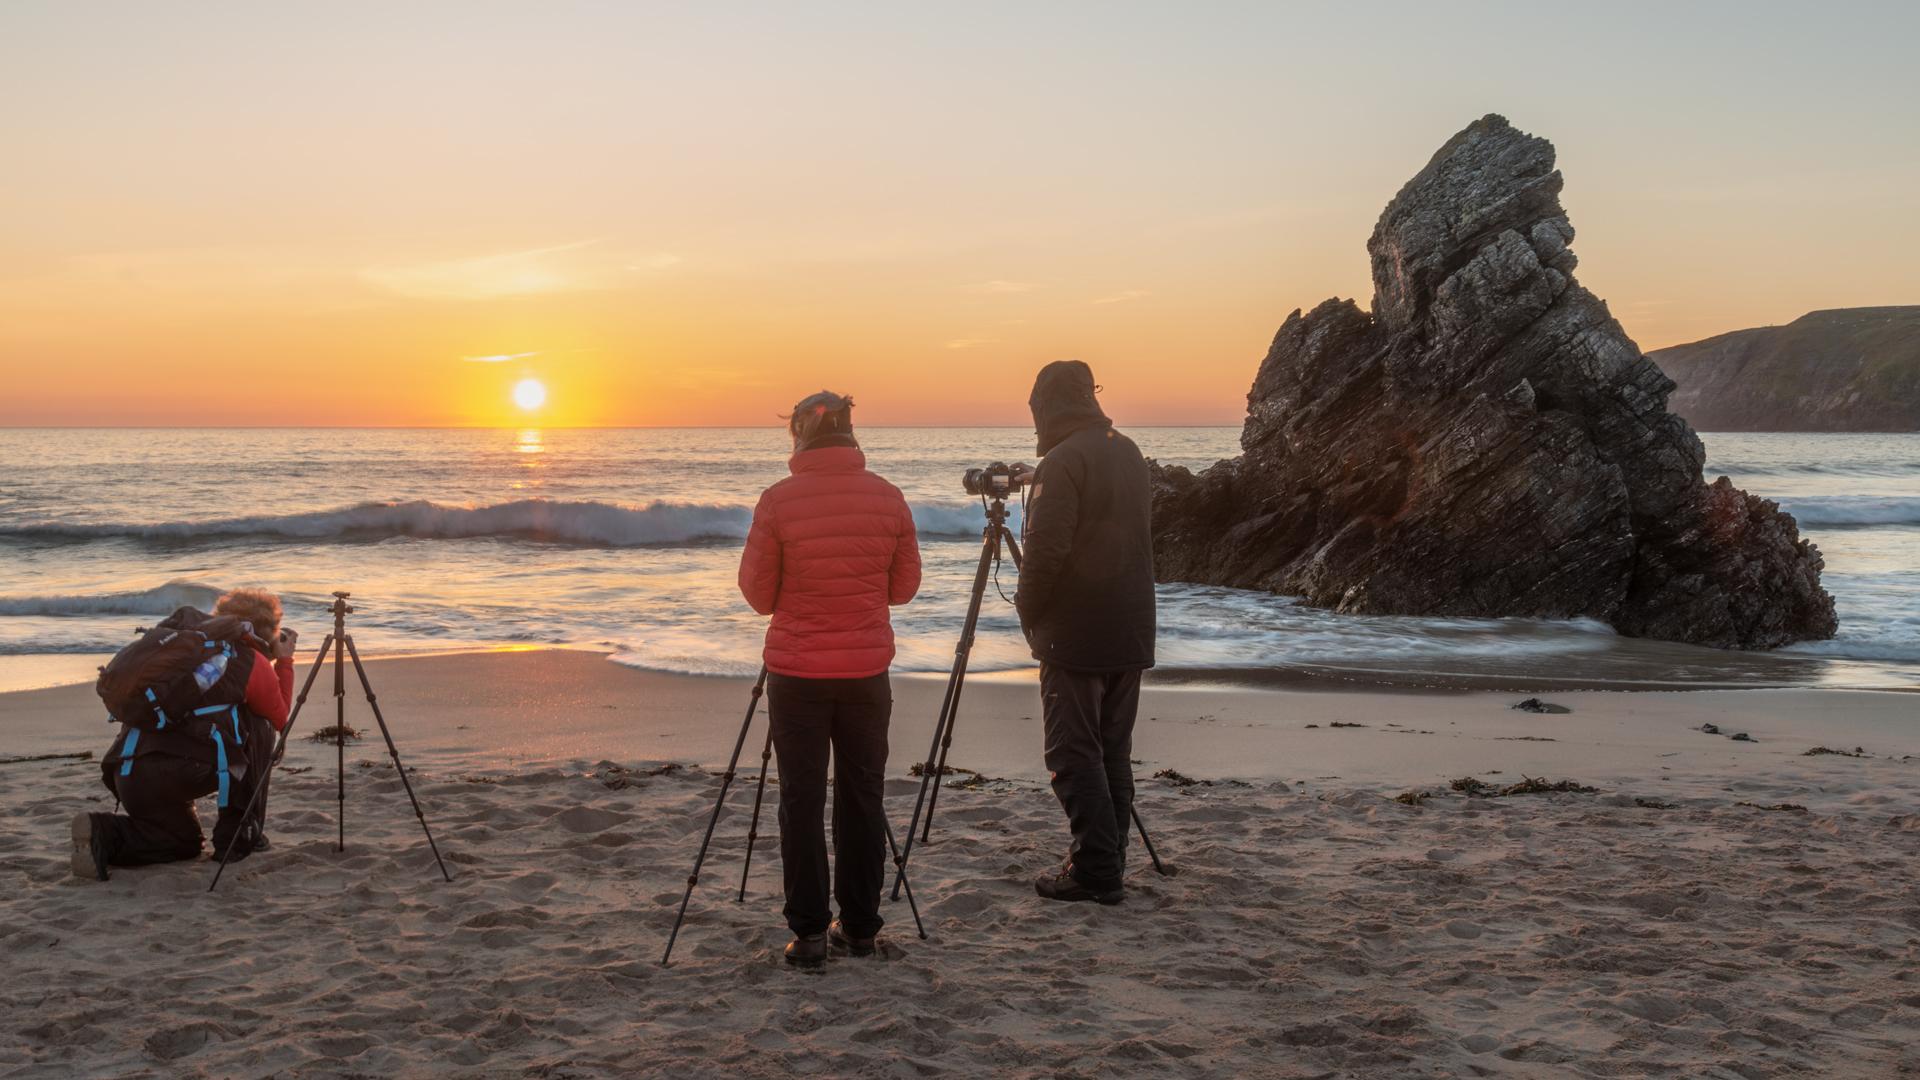 Sonnenaufgang am Strand von Durness, Fotoreisen Schottland